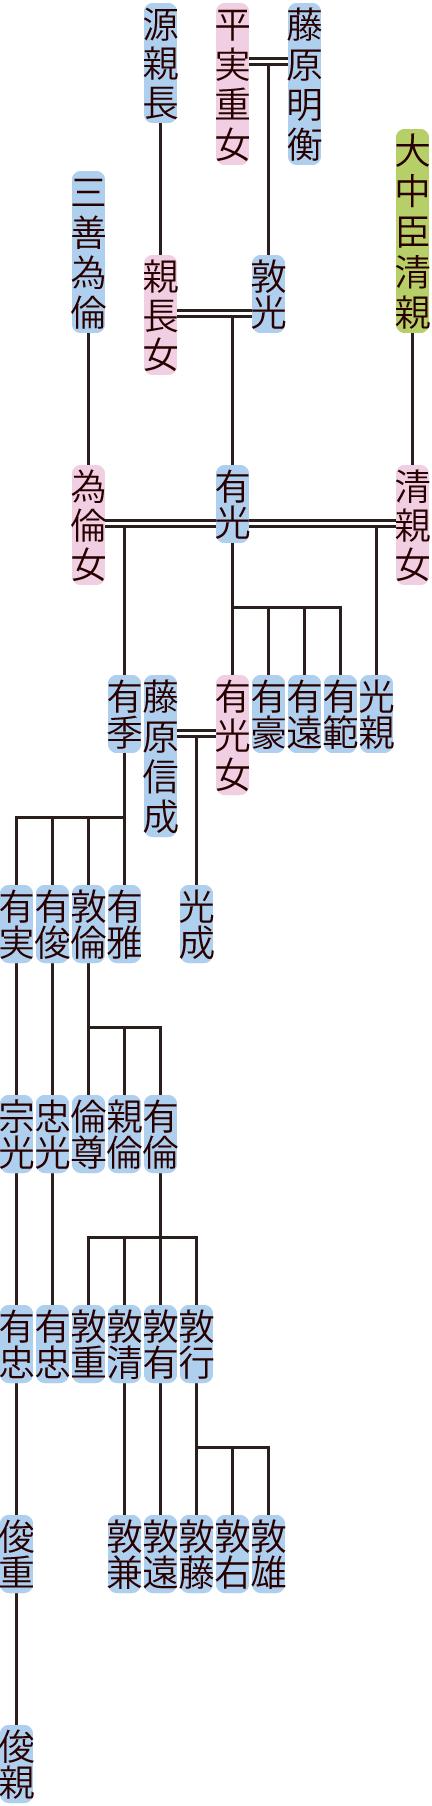 藤原有光の系図